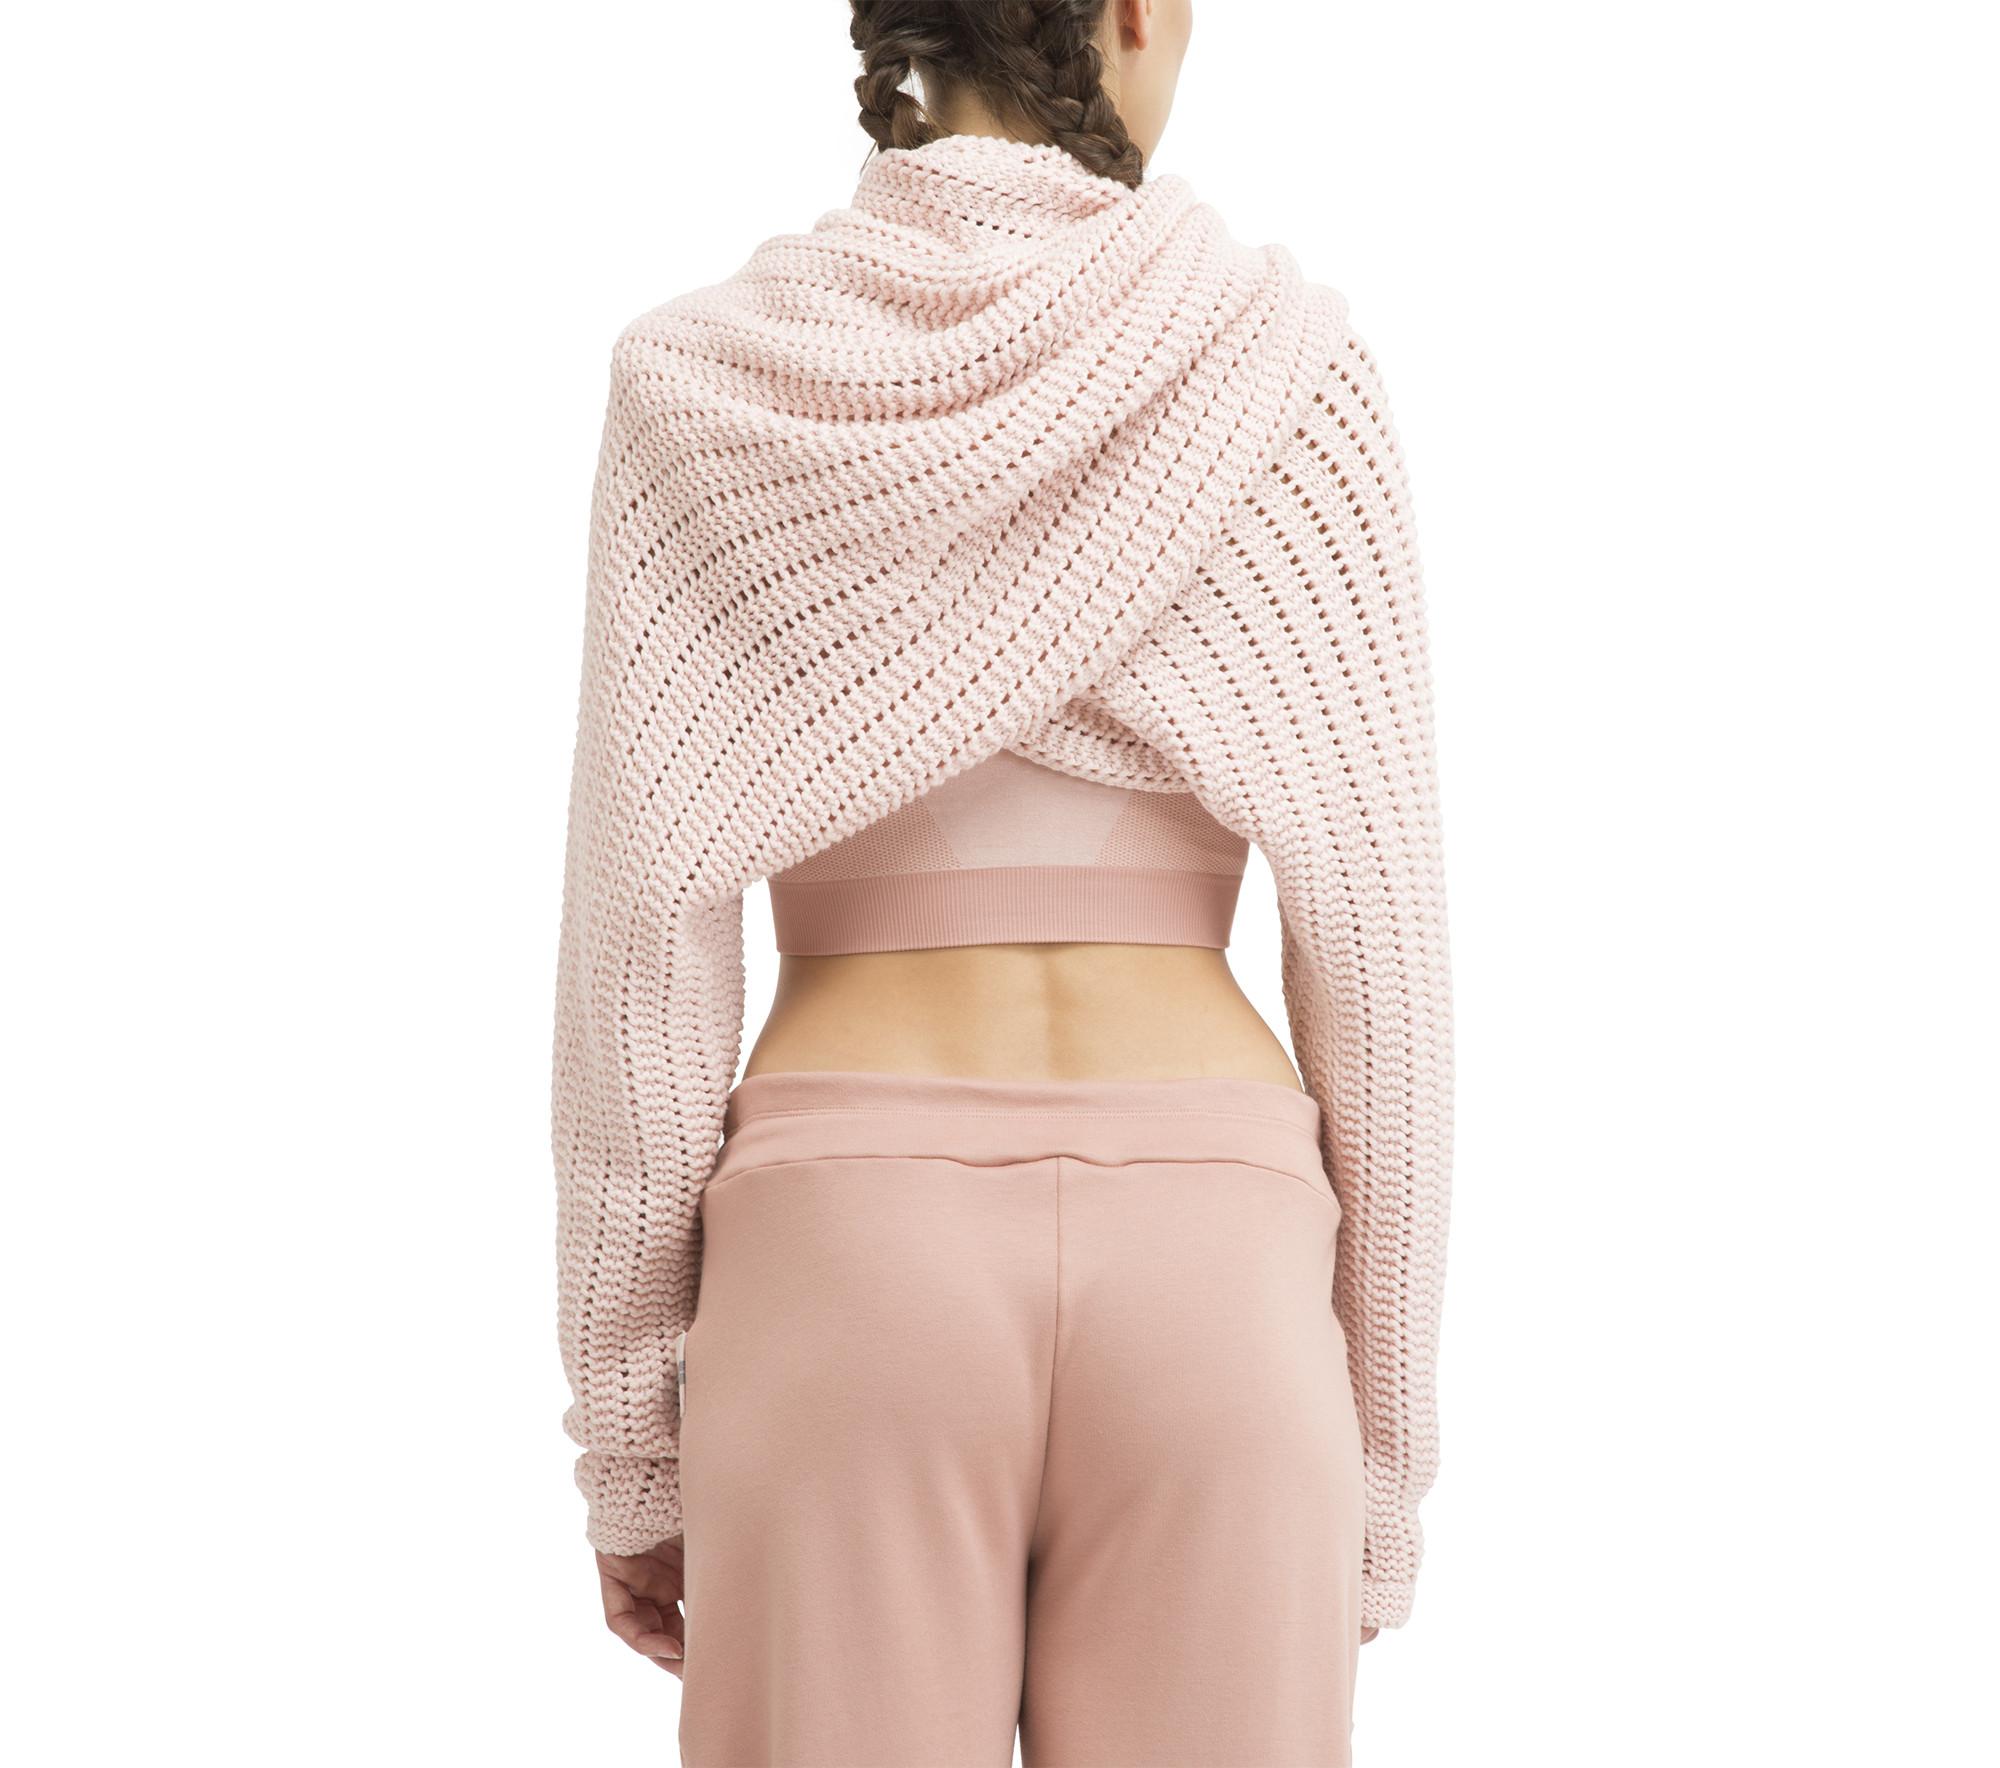 3D knitted shoulder warmer